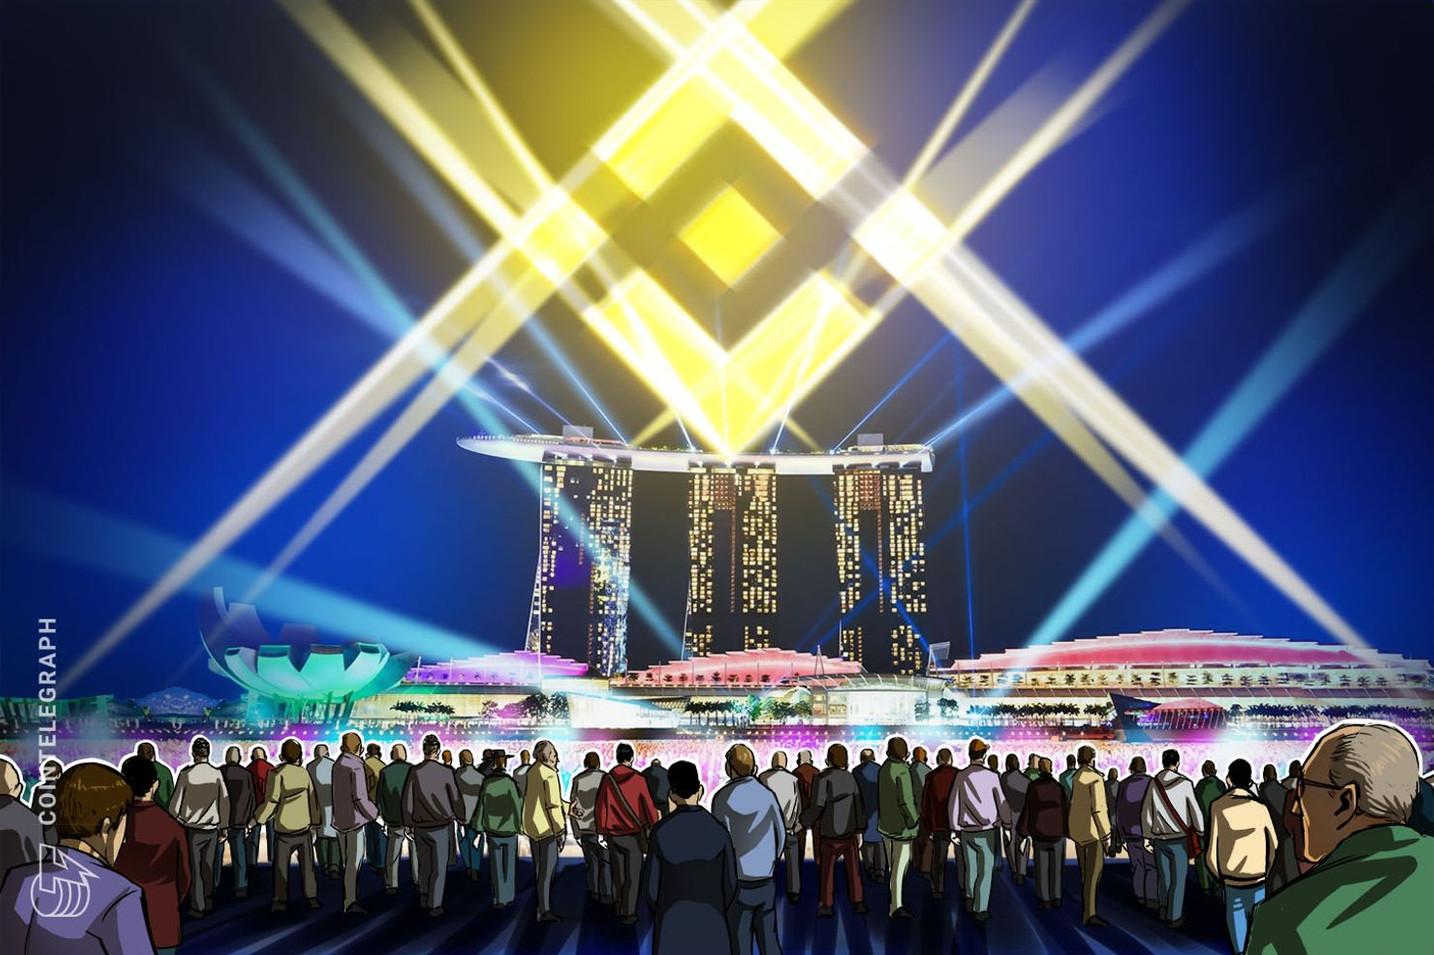 【速報】バイナンスの仮想通貨ー法定通貨取引所がシンガポールで正式にスタート